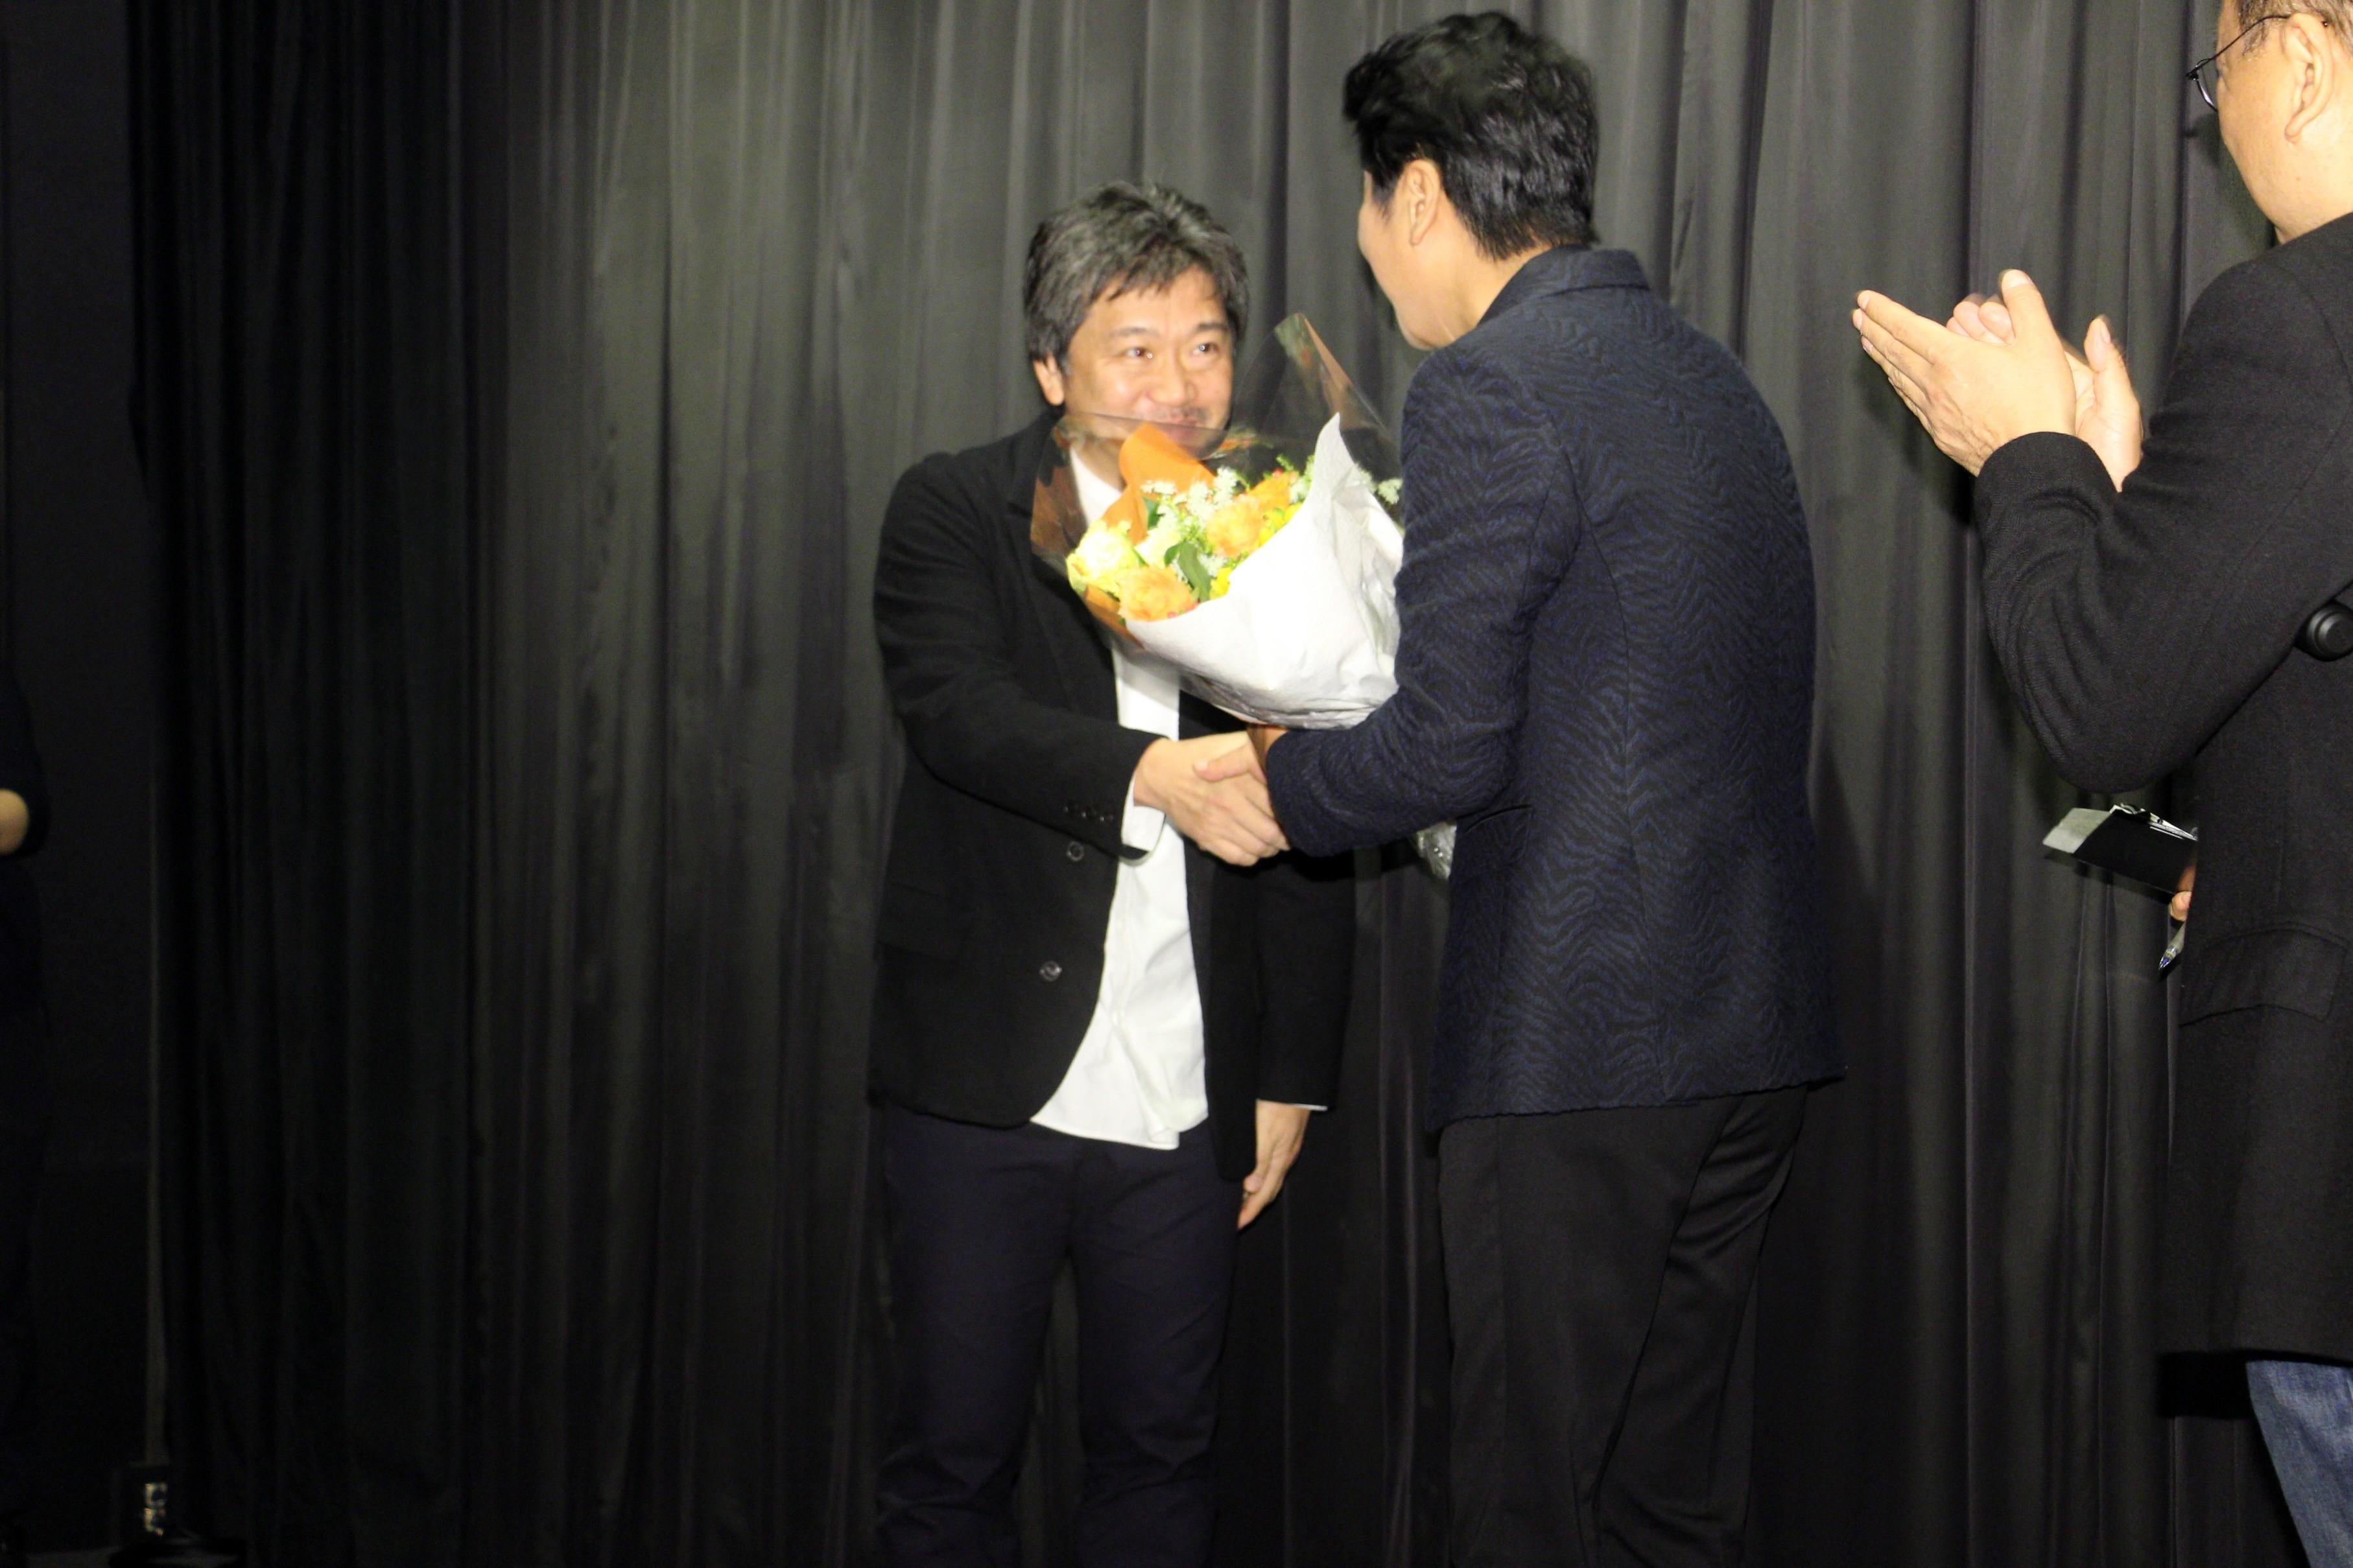 ソン・ガンホに花束を渡す是枝裕和監督